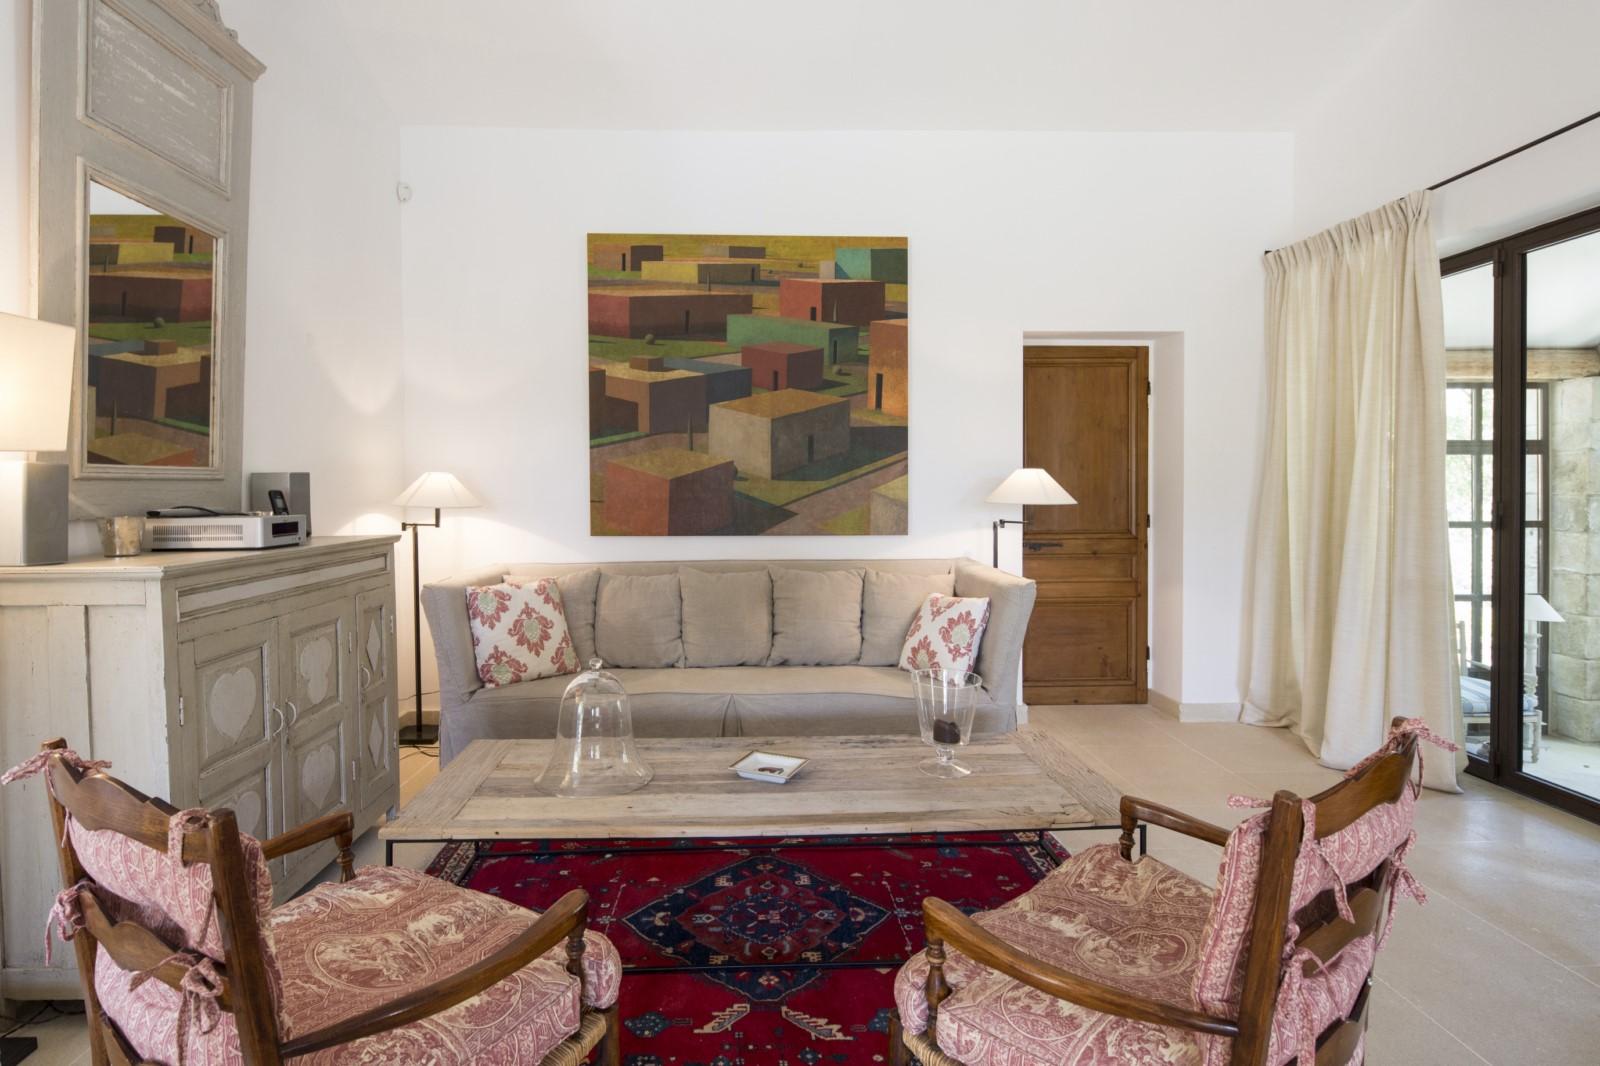 A louer pour les vacances à Gordes, authentique mas Provençal